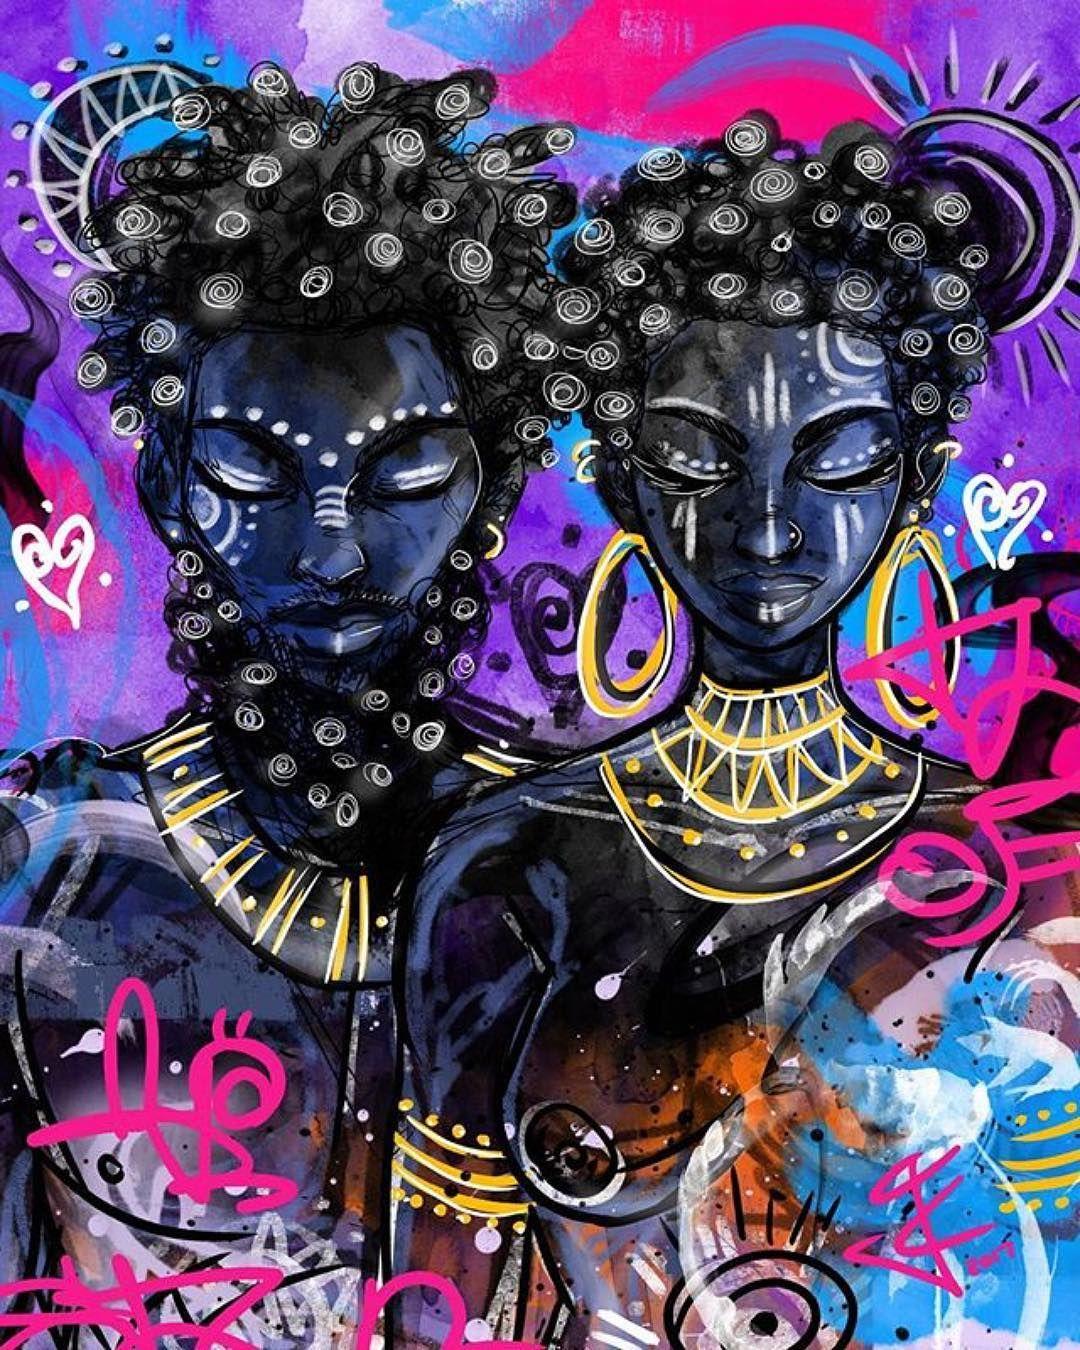 402 mentions jaime 5 commentaires black art 365